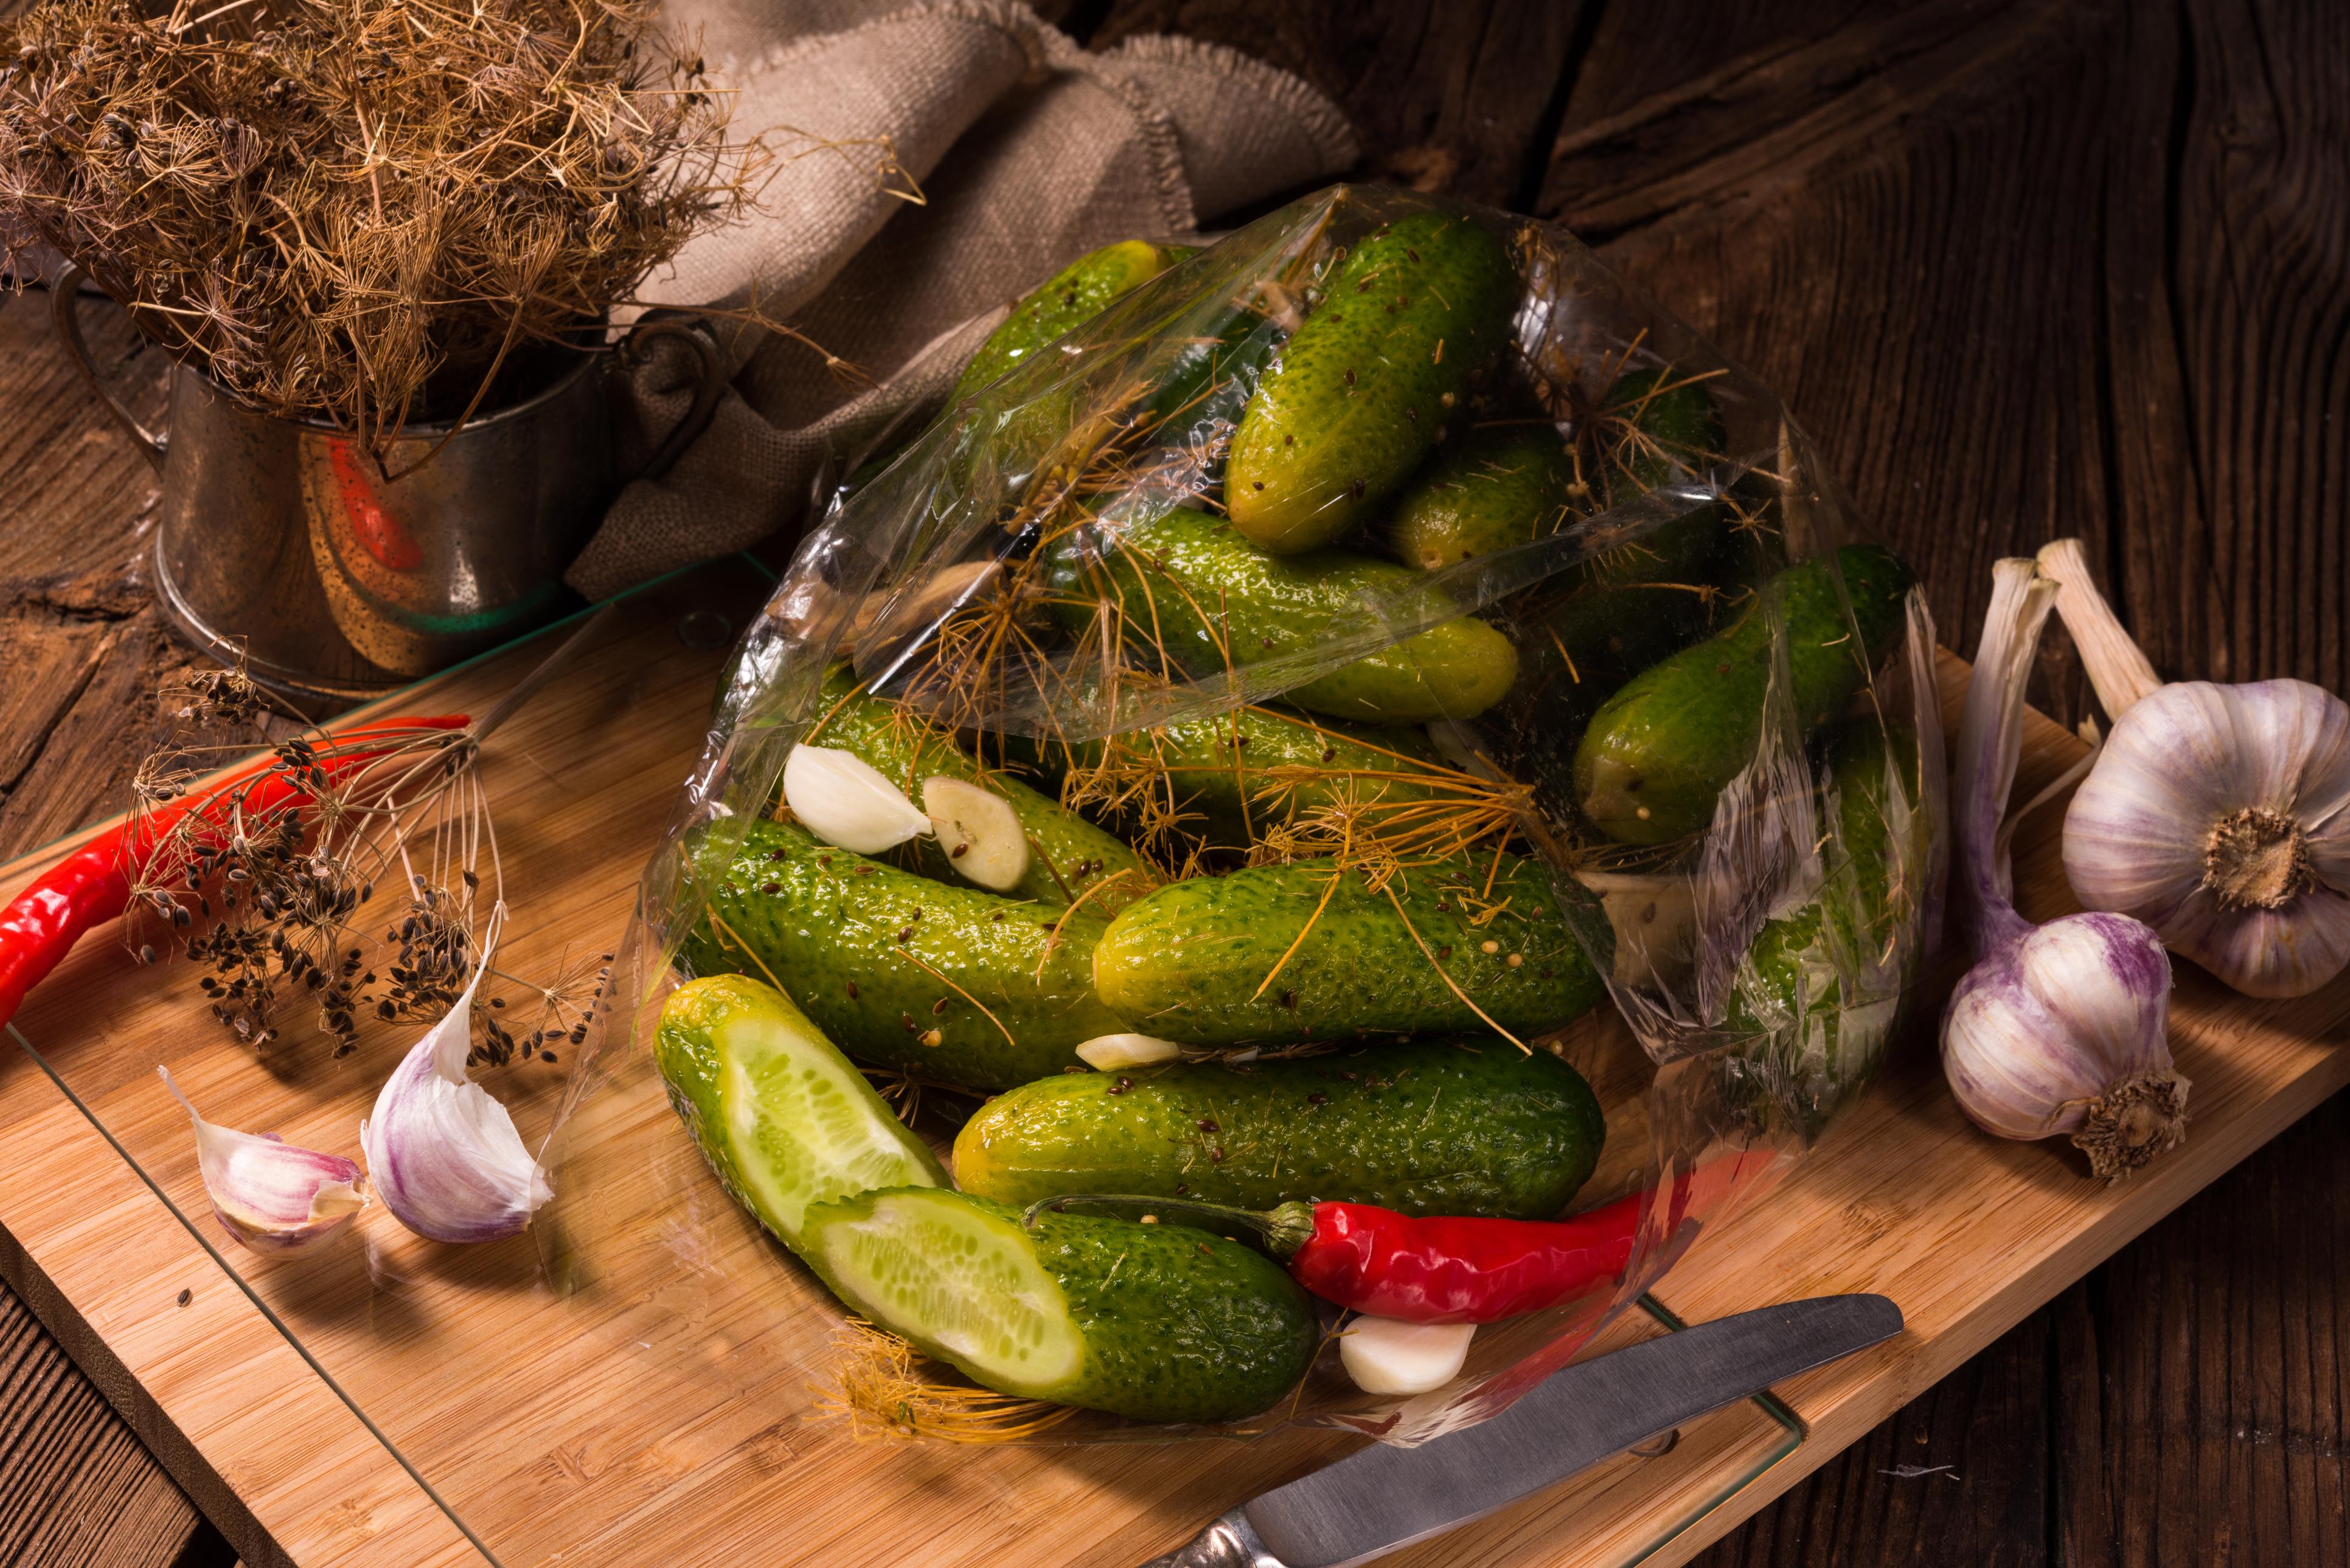 <p><strong>На 40 Ферментирали храни</strong></p>  <p>На 40 започват да се появяват храносмилателни проблеми, особено ако се храните с предимно преработени храни. Добре е да включите в менюто си ферментирали храни, които са богати на полезни бактерии. Ежедневната порция кисело зеле, кимчи, кисело мляко, кисели краставички помага за балансирането на чревната флора.</p>